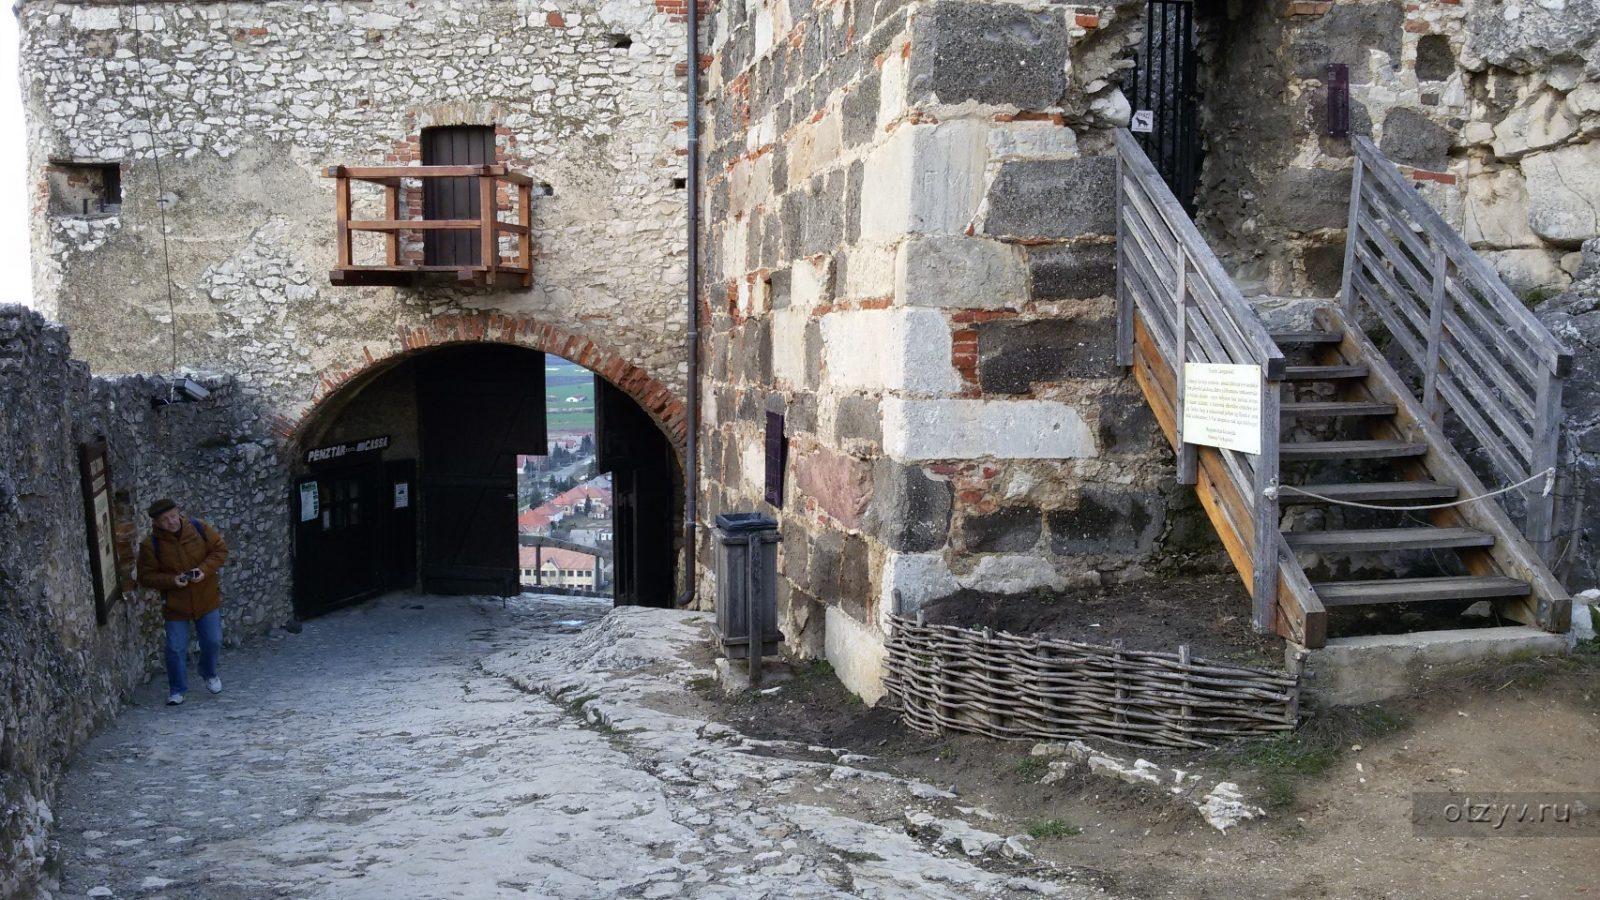 28031818193207362117 - Венгрия: крепость Шюмег